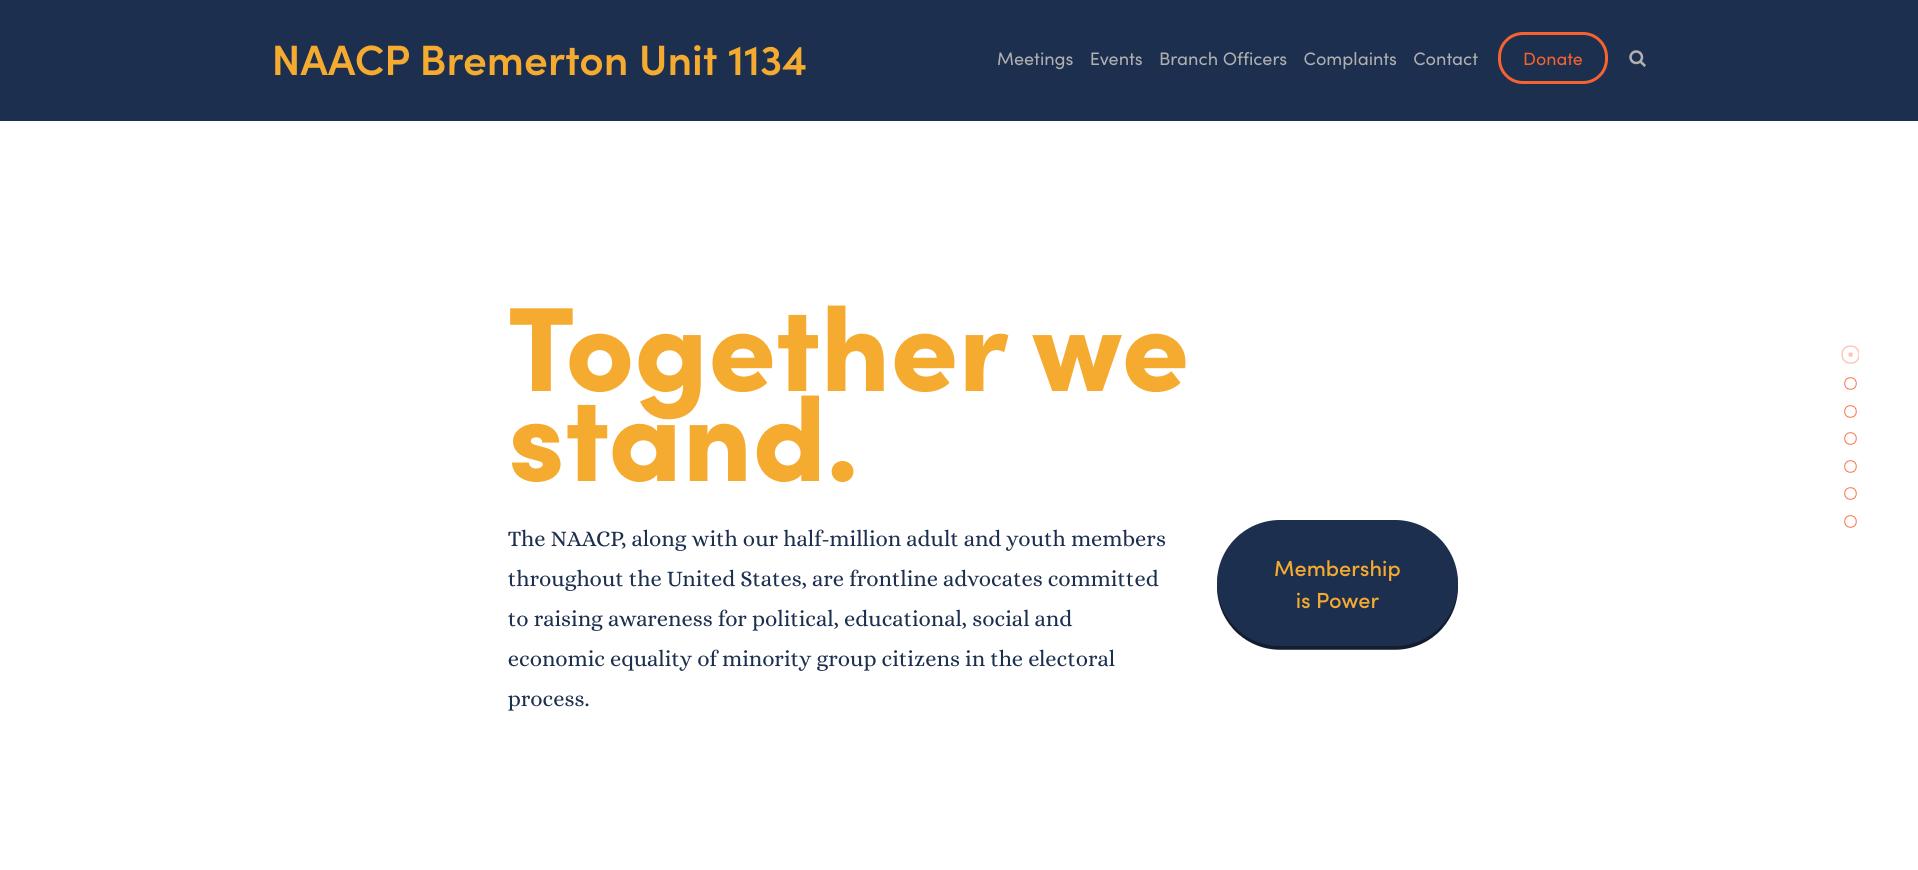 NAACP Bremerton